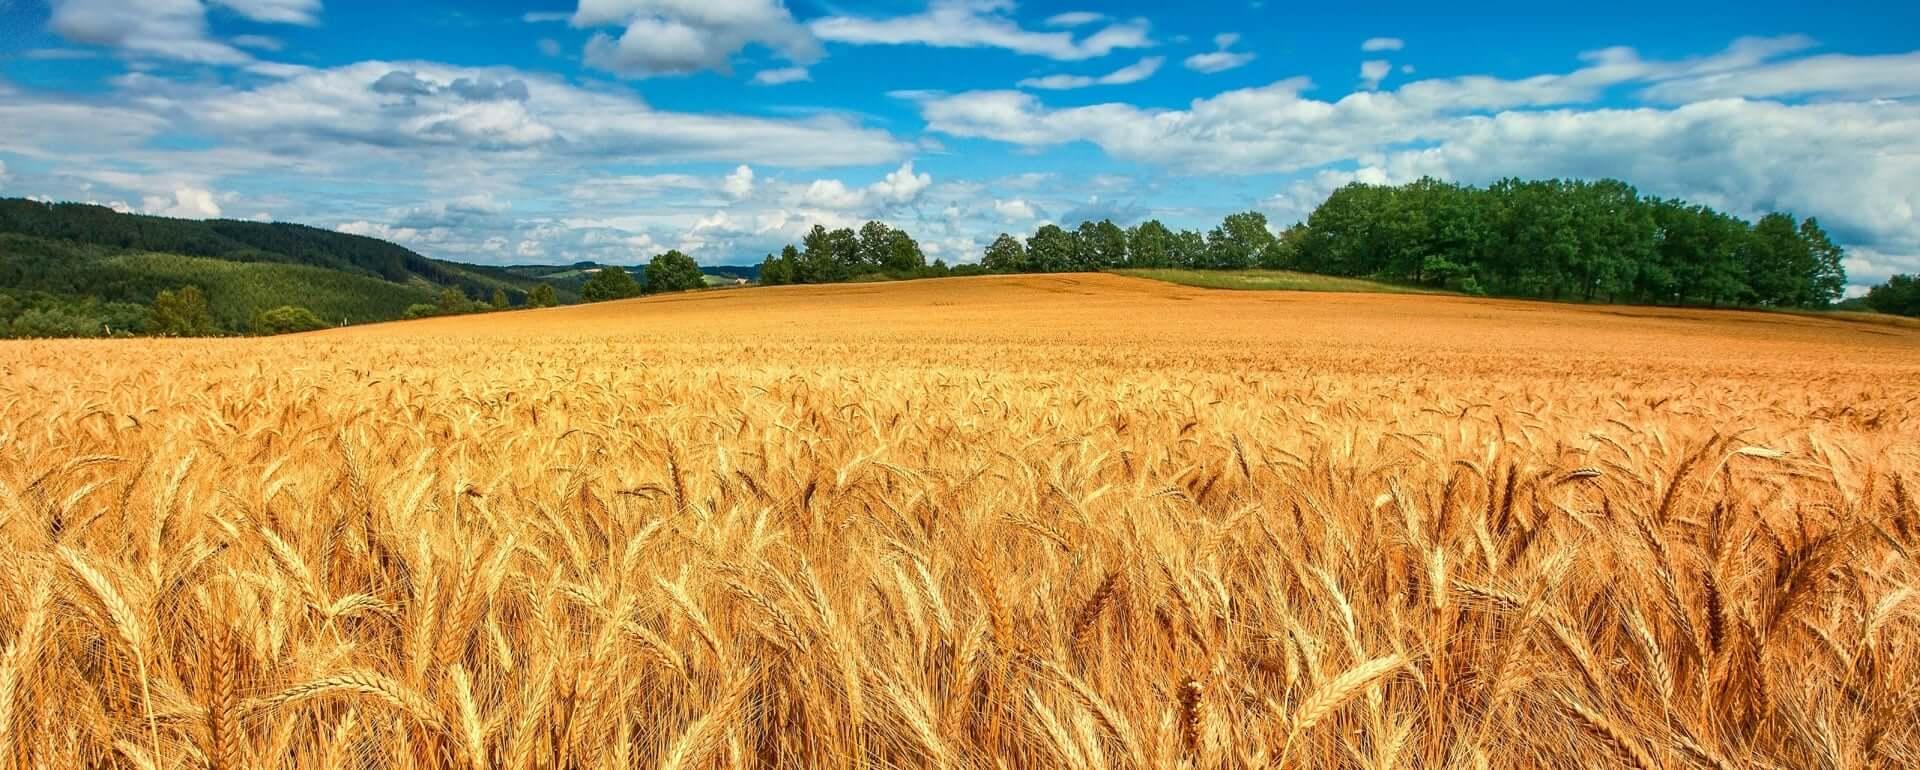 Семена Озимой Пшеницы цена